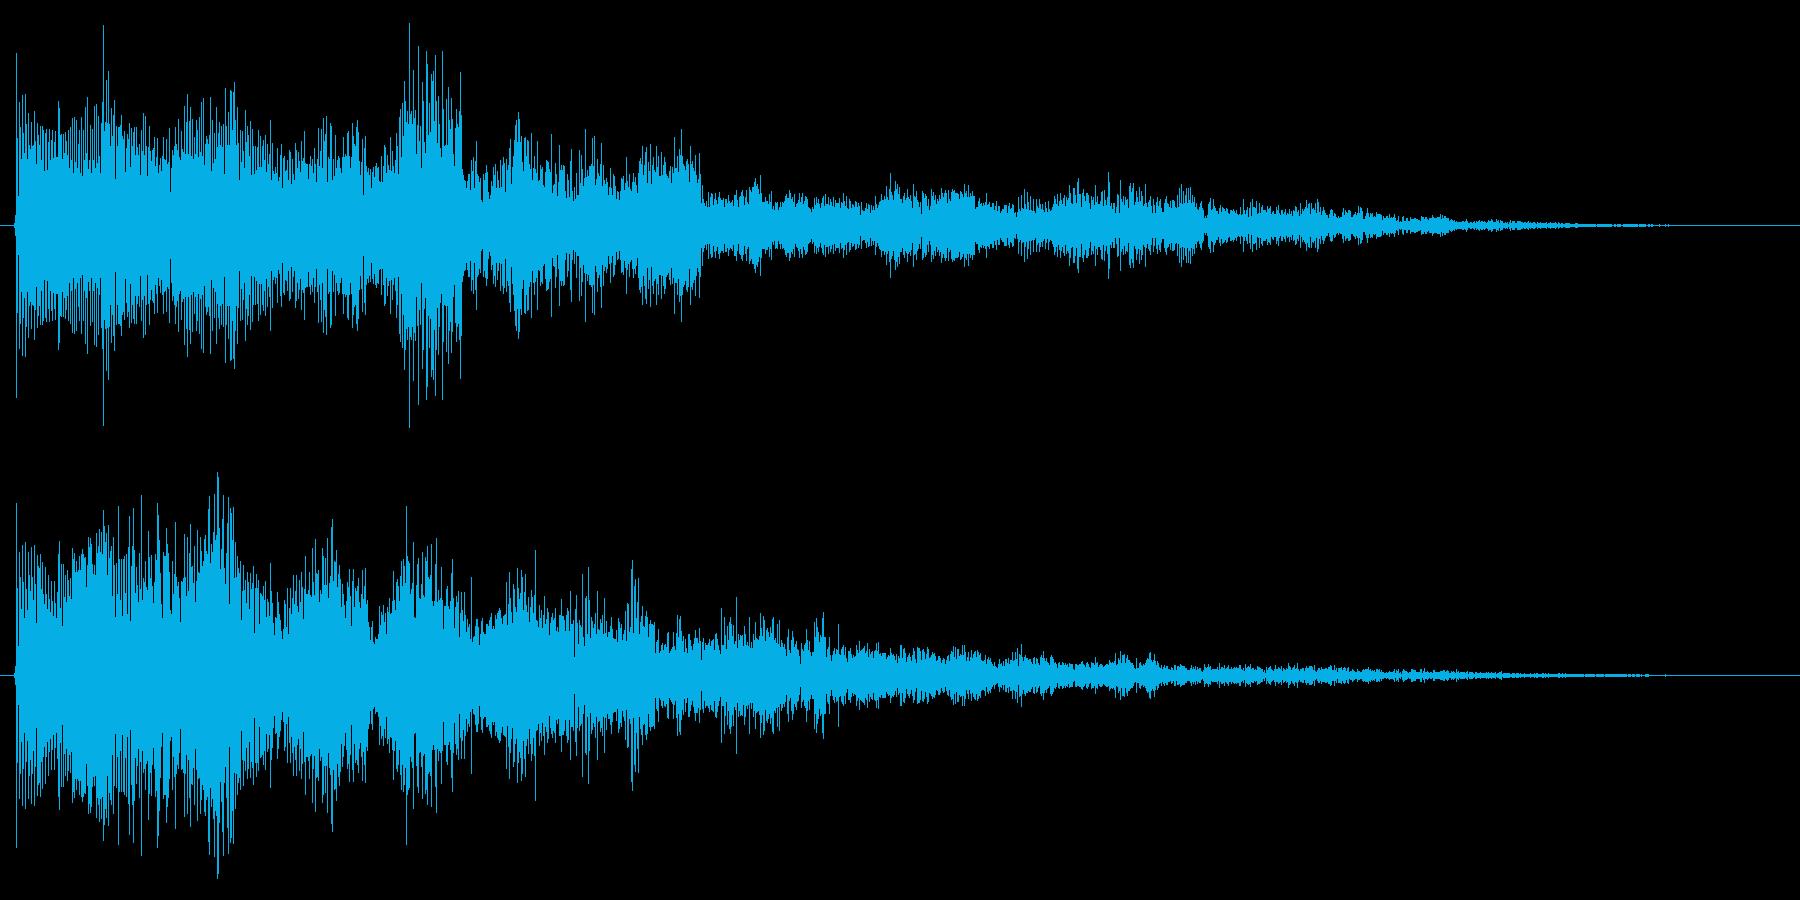 マジカルなセレクト音 決定音 クリック音の再生済みの波形